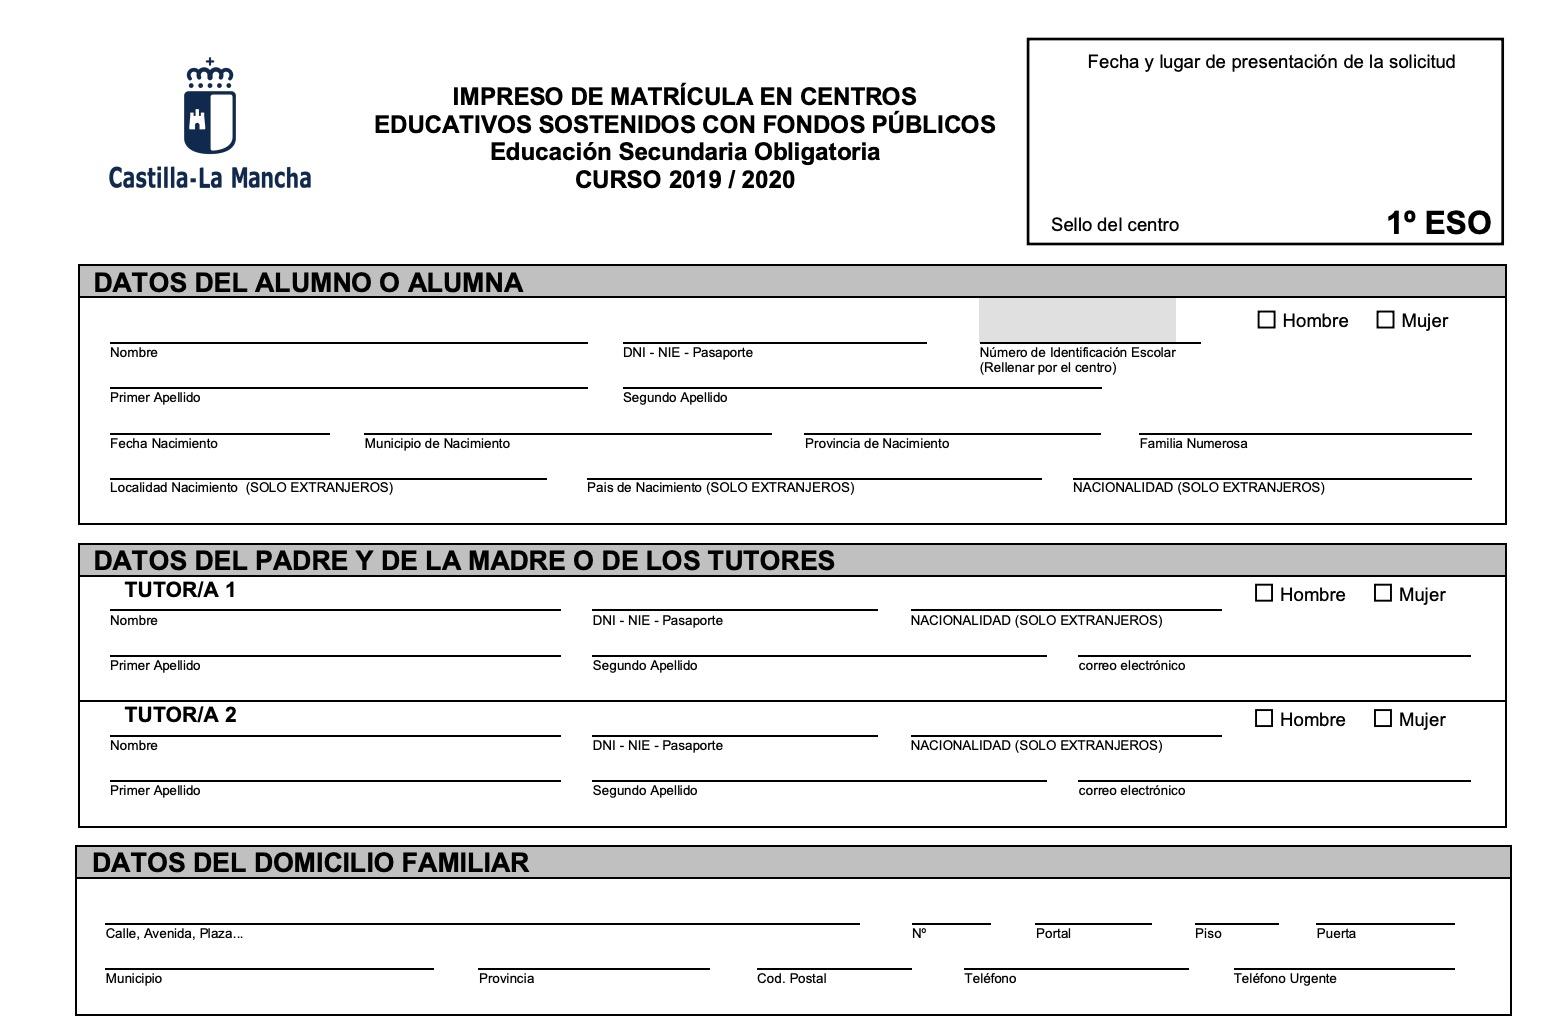 Calendario Lineal.Calendario De Matricula 2019 2020 Ies Parque Lineal